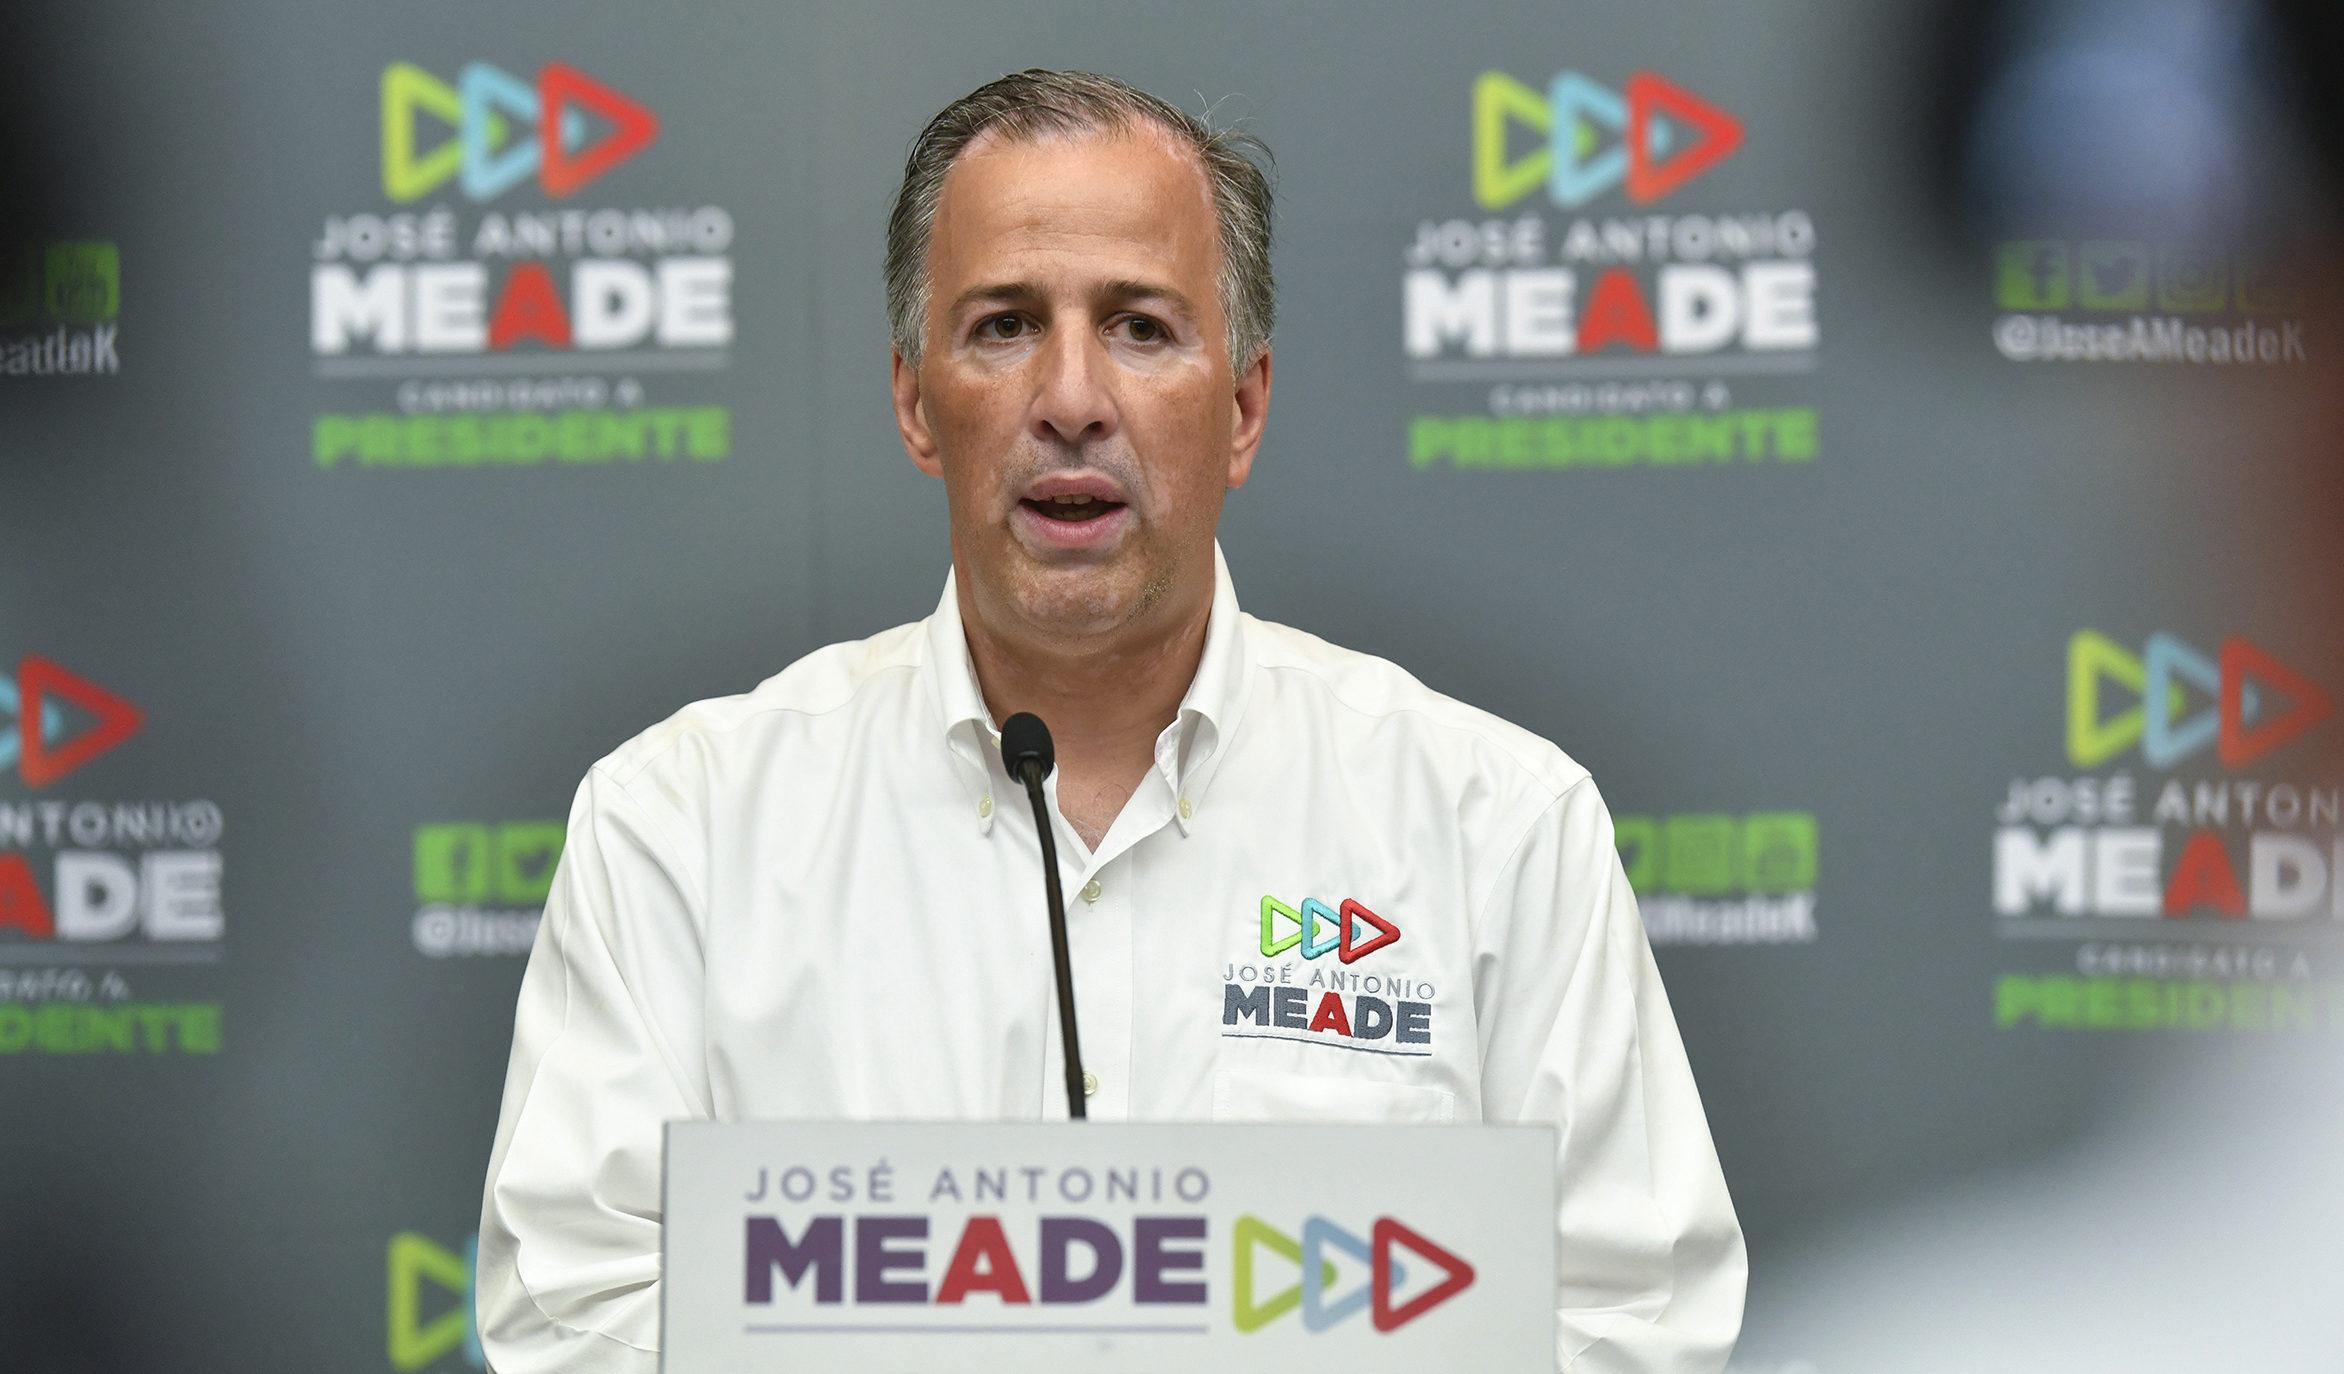 No podemos equivocarnos, consecuencias del voto duran 6 años: Meade